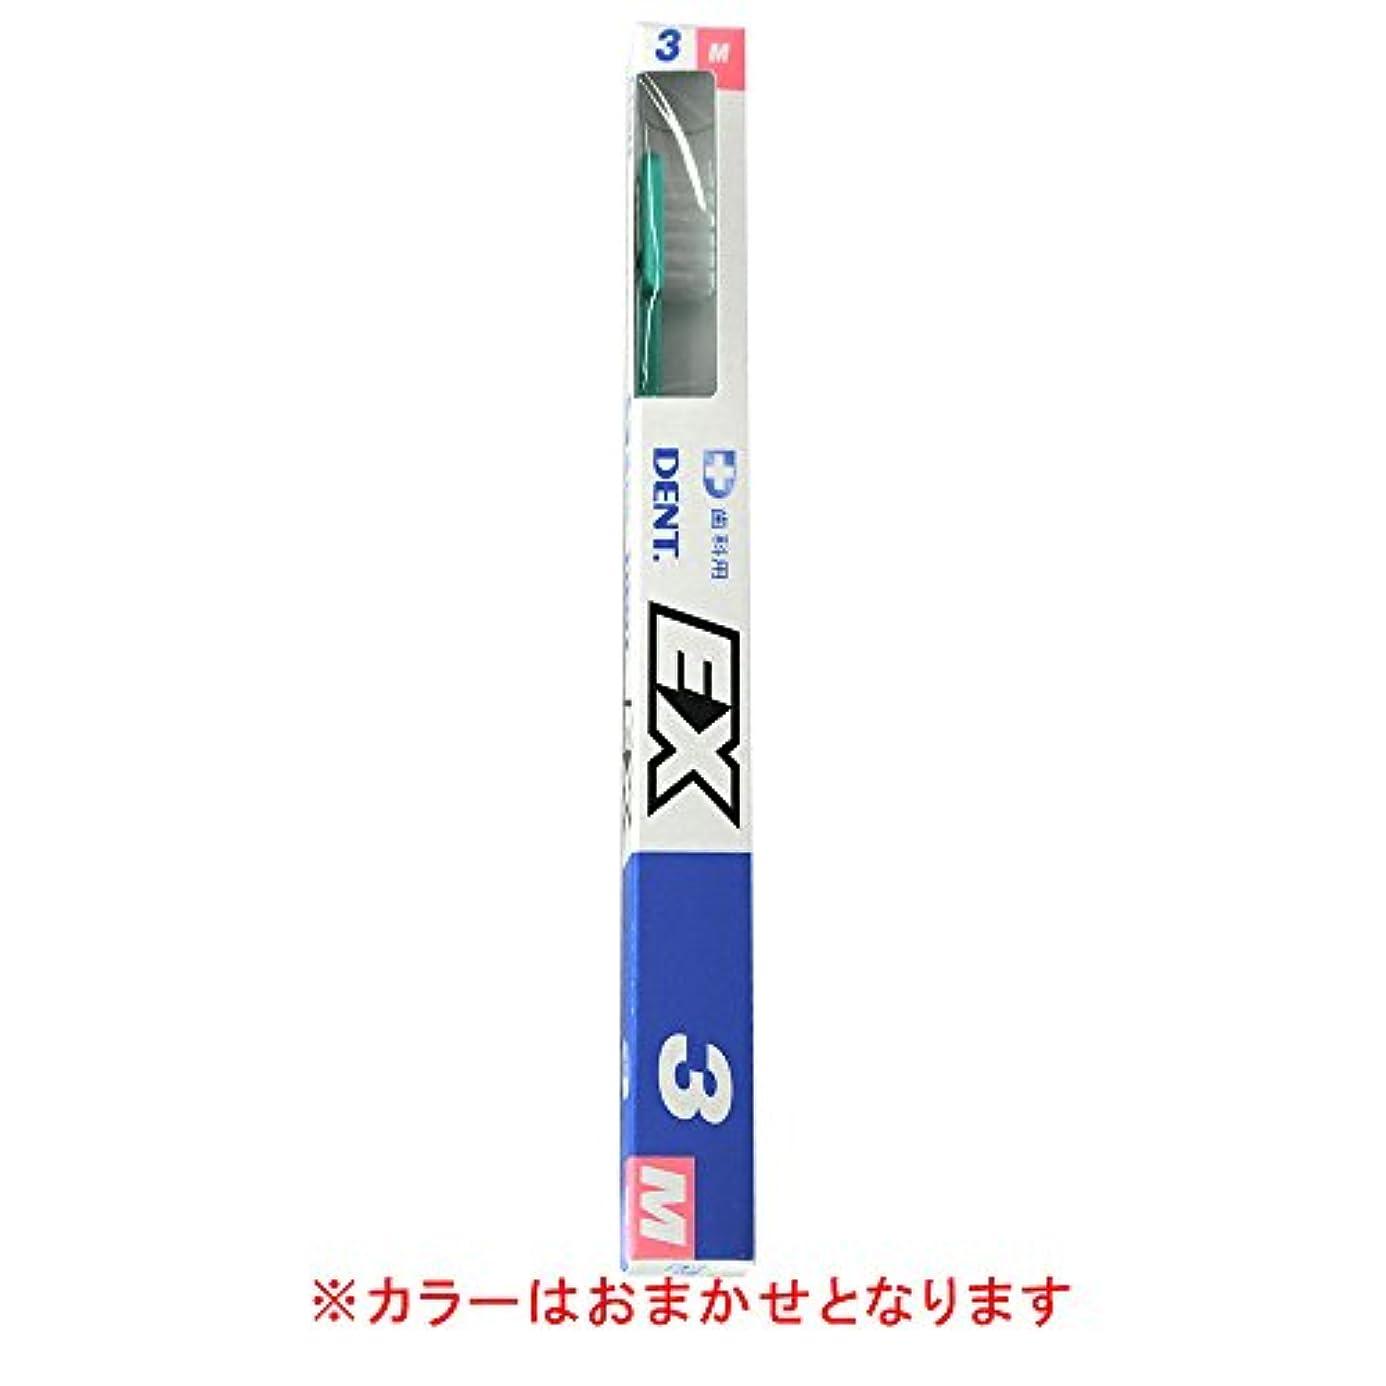 リーガン無し冷蔵するライオン DENT.EX3レギュラー 歯ブラシ1本 (毛の硬さ M)